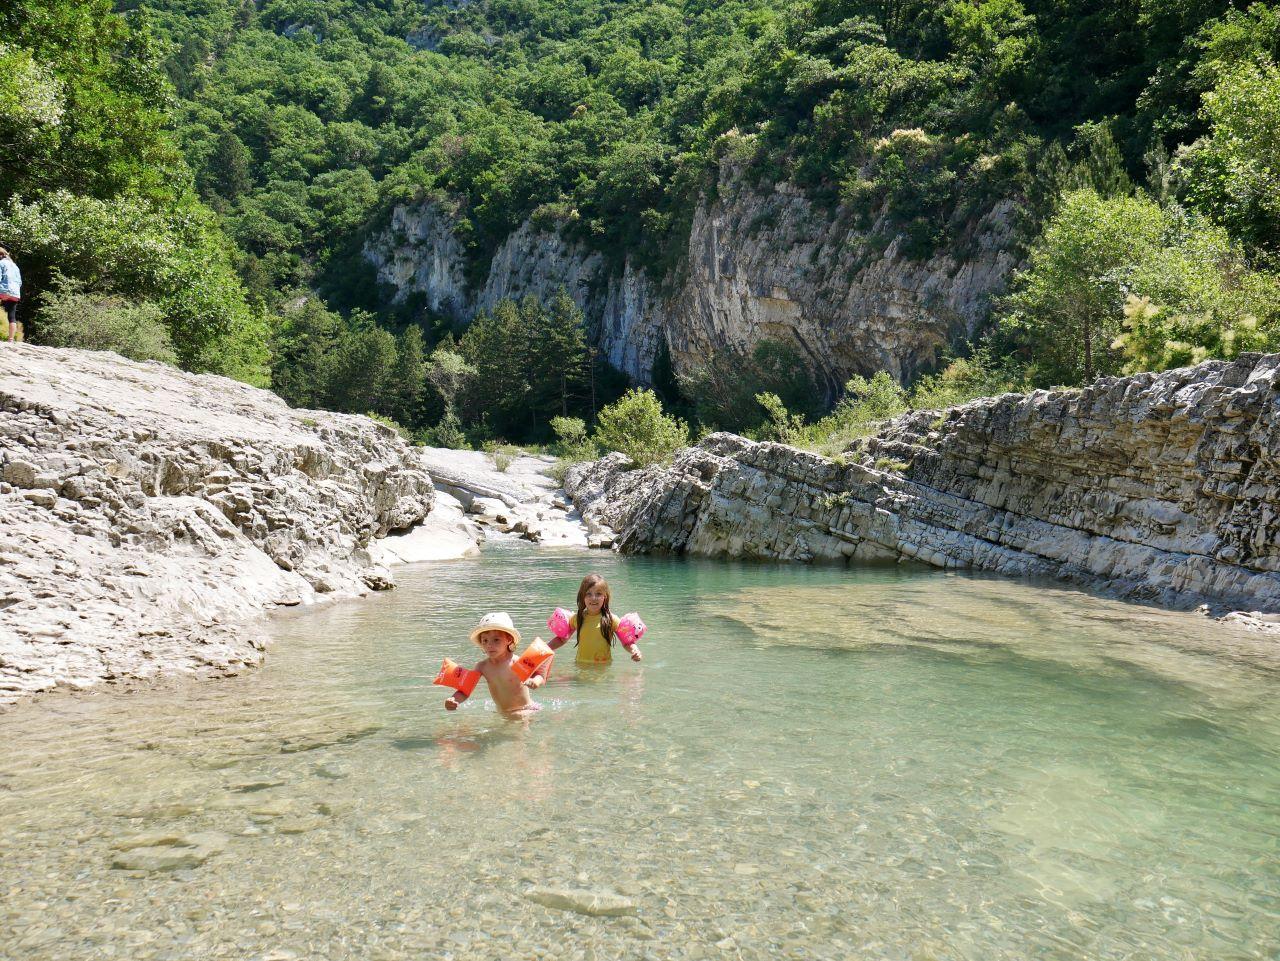 Baignade dans le Roubion à Pont-de-Barret dans la Drôme